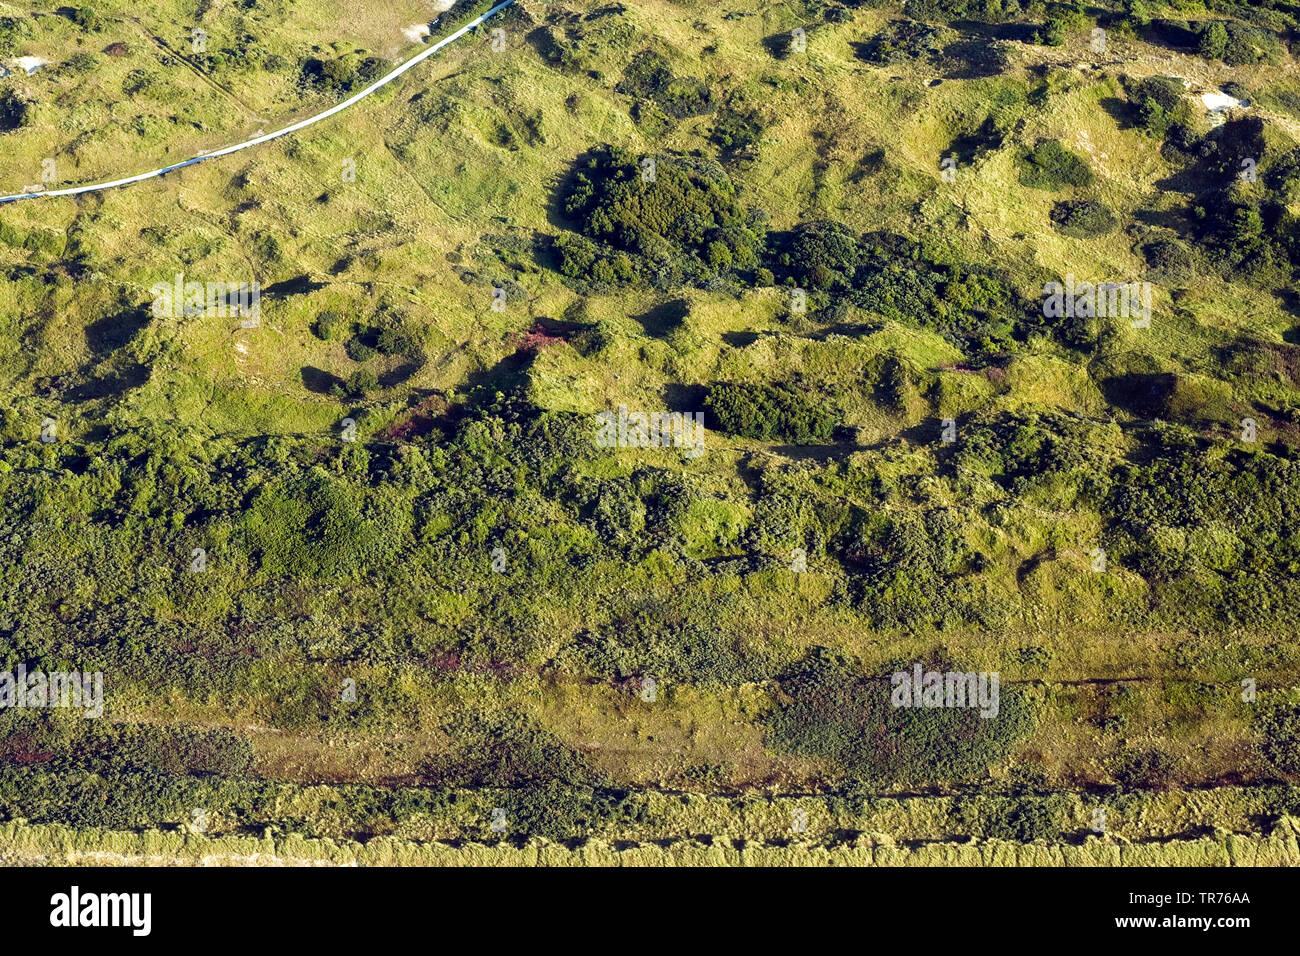 Duenen auf Schiermonnikoog, Luftbild, Niederlande, Schiermonnikoog | dunes of Schiermonnikoog, aerial photo, Netherlands, Schiermonnikoog | BLWS499112 - Stock Image